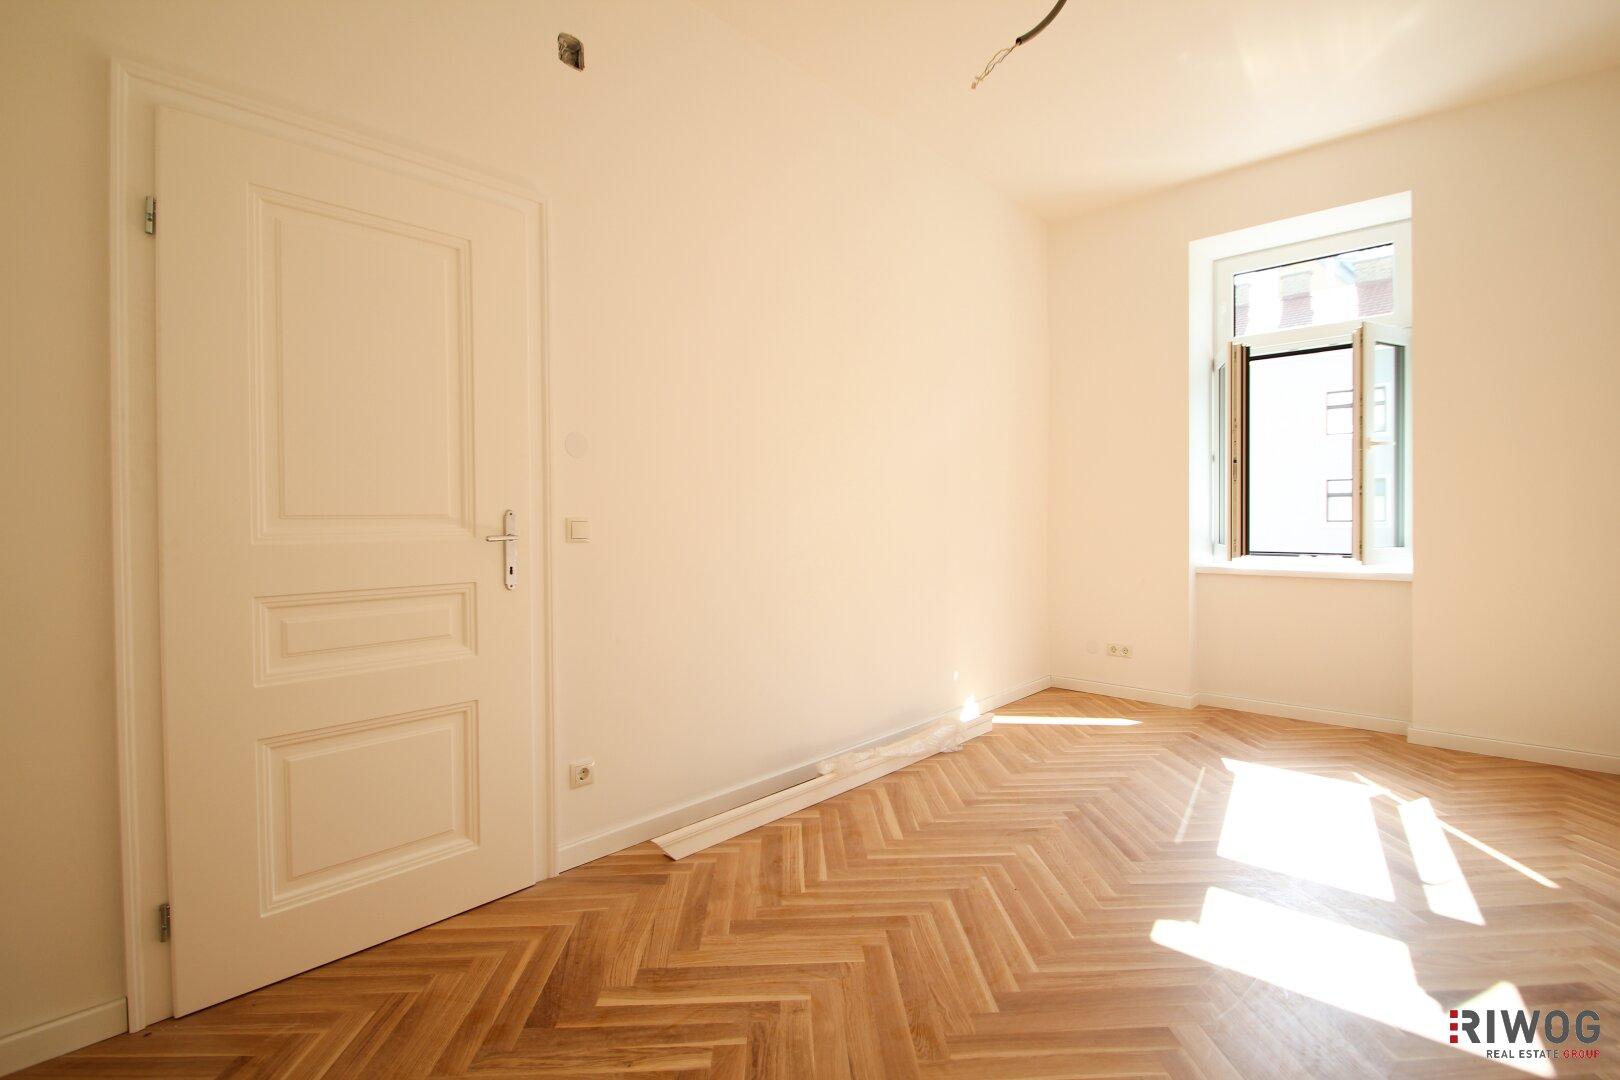 ++ MARCHFELD 15 ++ Altbau-/Neubauwohnungen, Top-Grundrisse, hochwertige Ausstattung, gute Lage (Projektansicht)